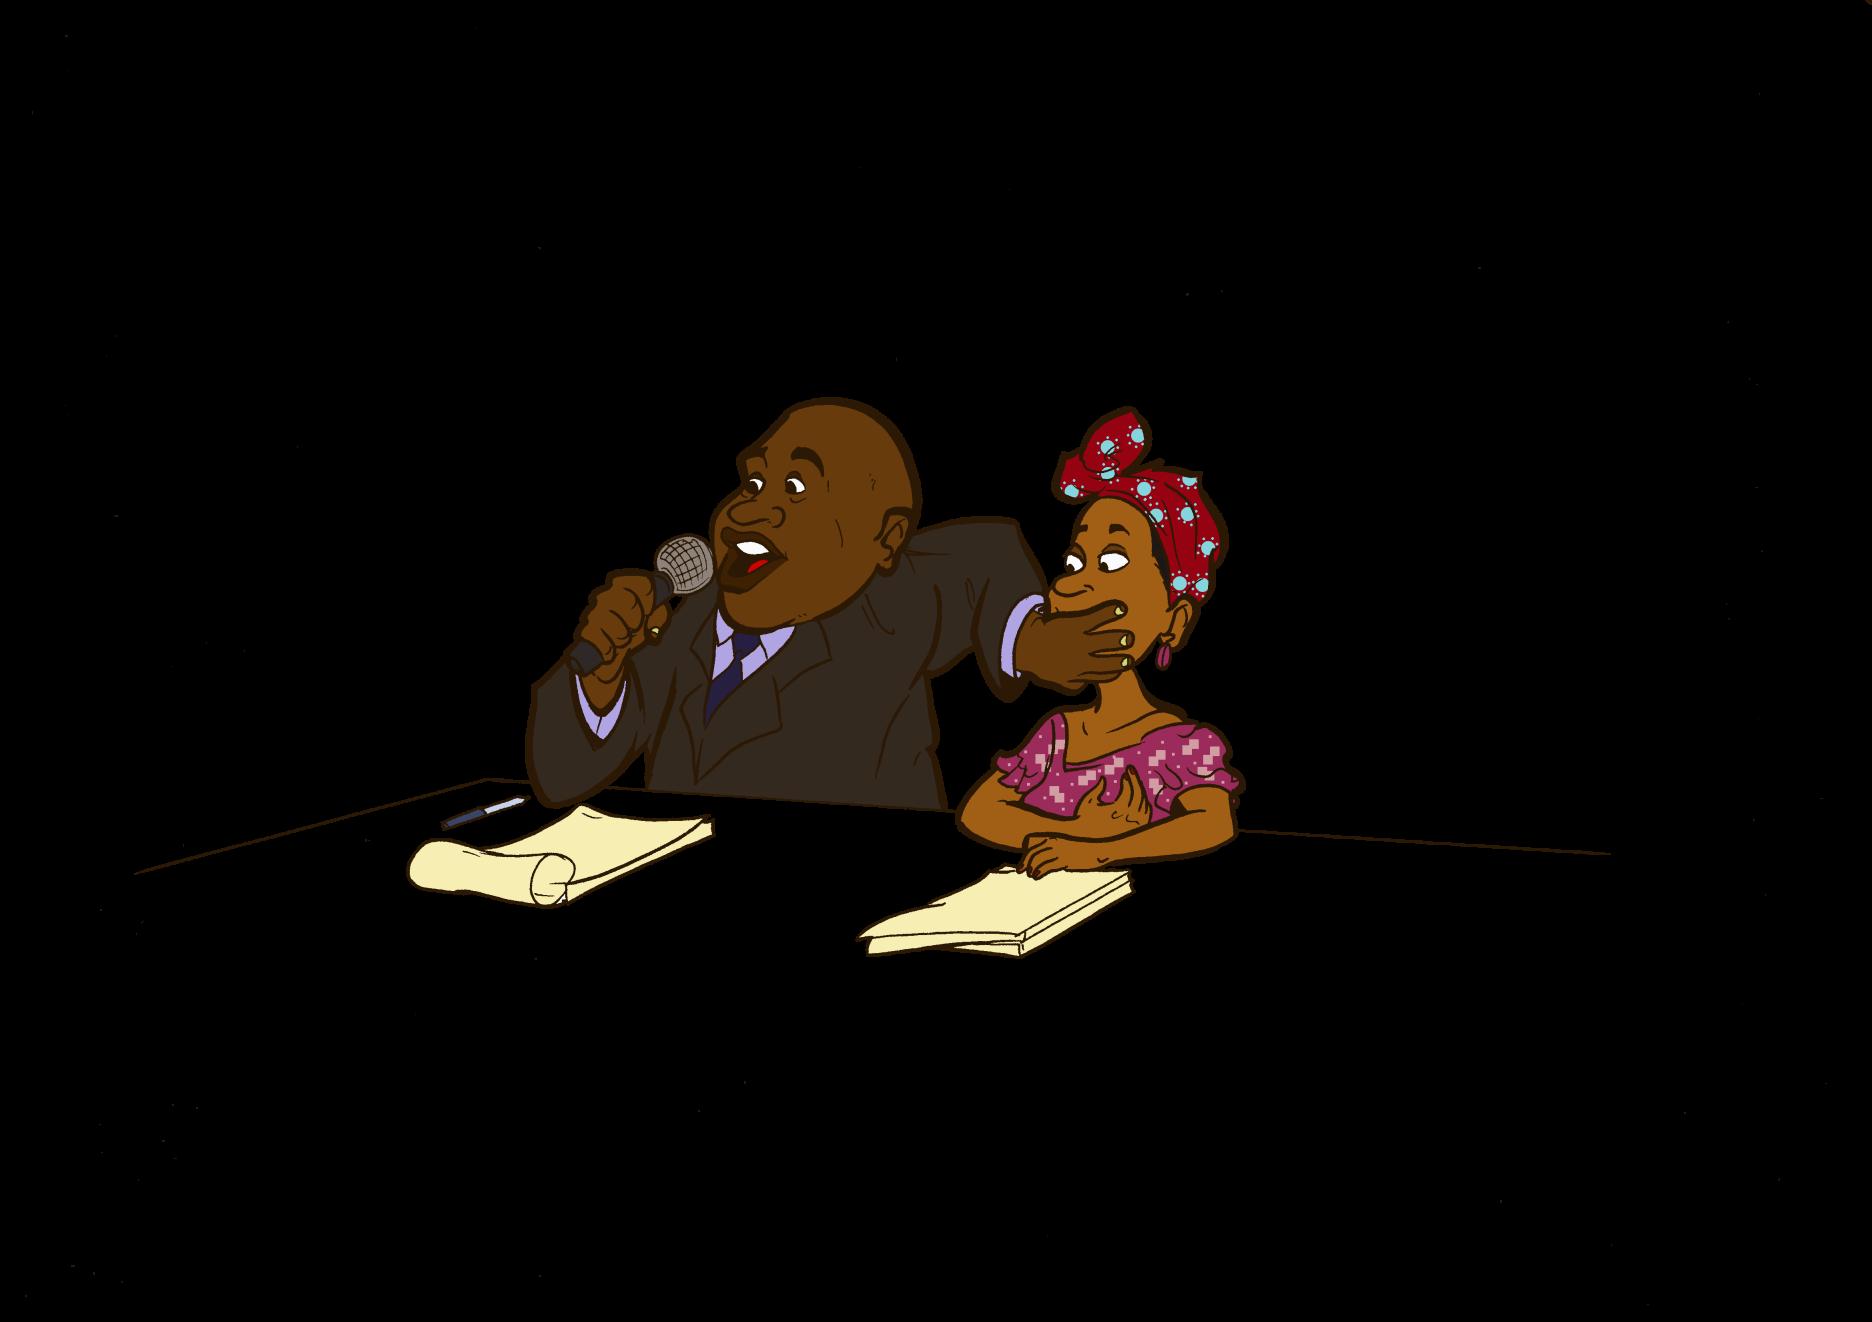 """Résultat de recherche d'images pour """"image caricaturé de haine en afrique"""""""